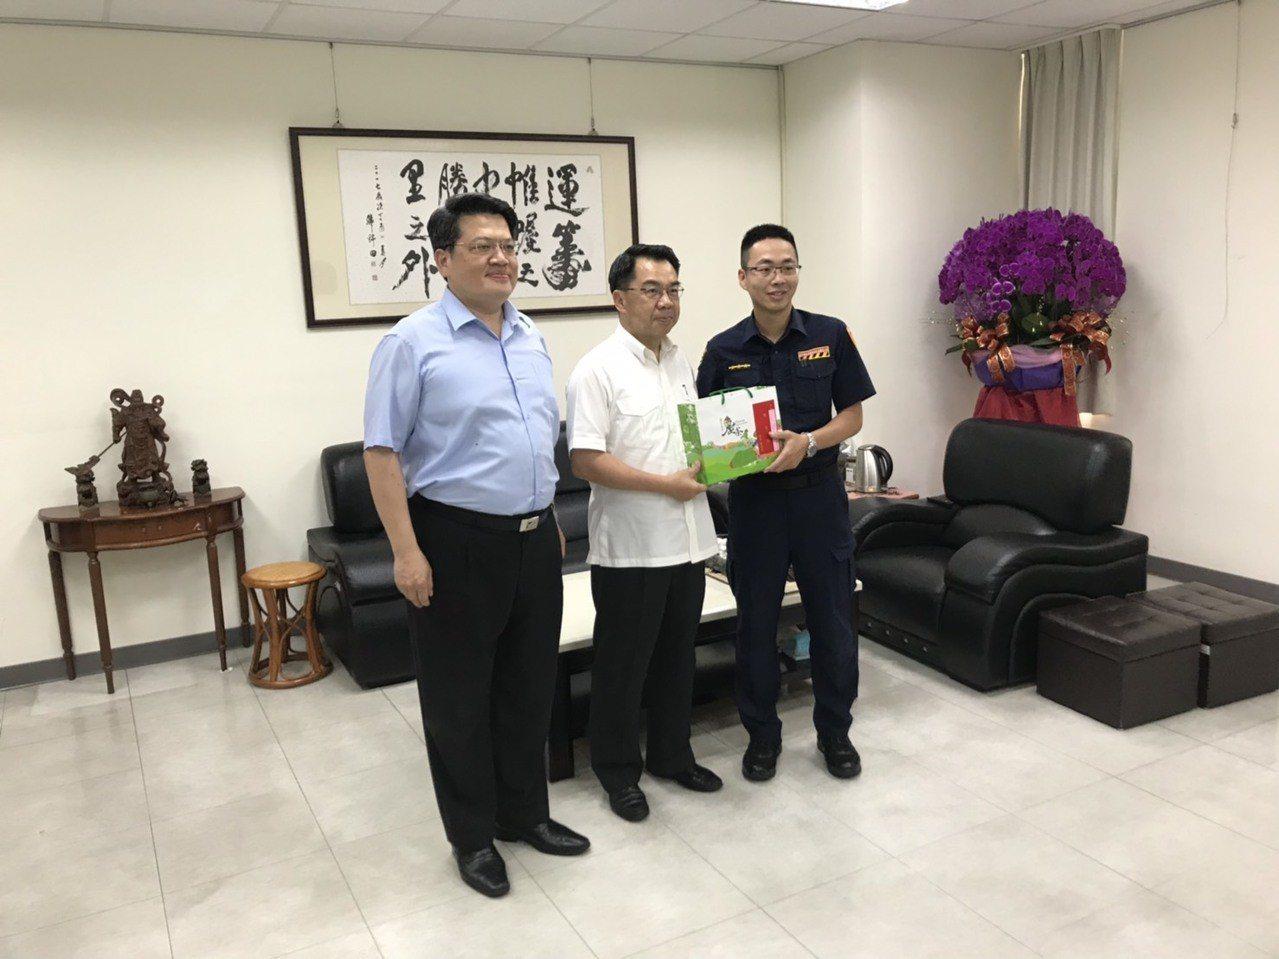 市警局局長楊源明(中)頒發「交安茶」給警員王建智(右),感謝王員的辛勞。記者林佩...